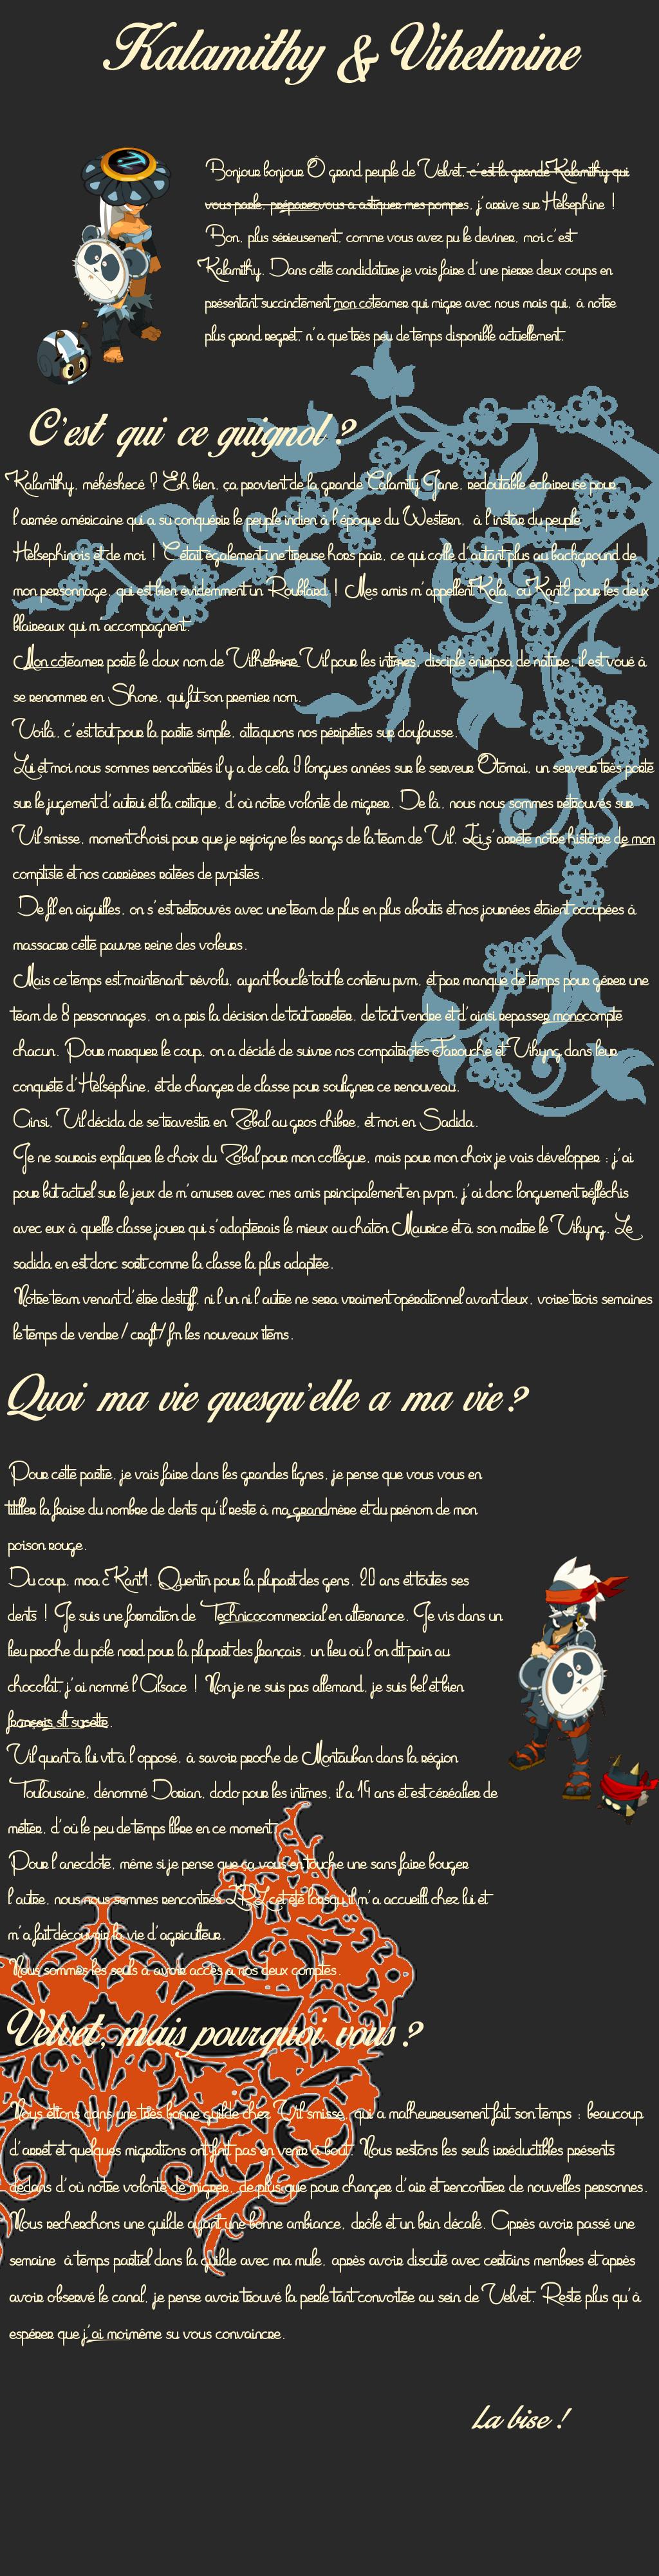 Jespèr ke vou aimer ler pavai Candid-kala-4d5833d